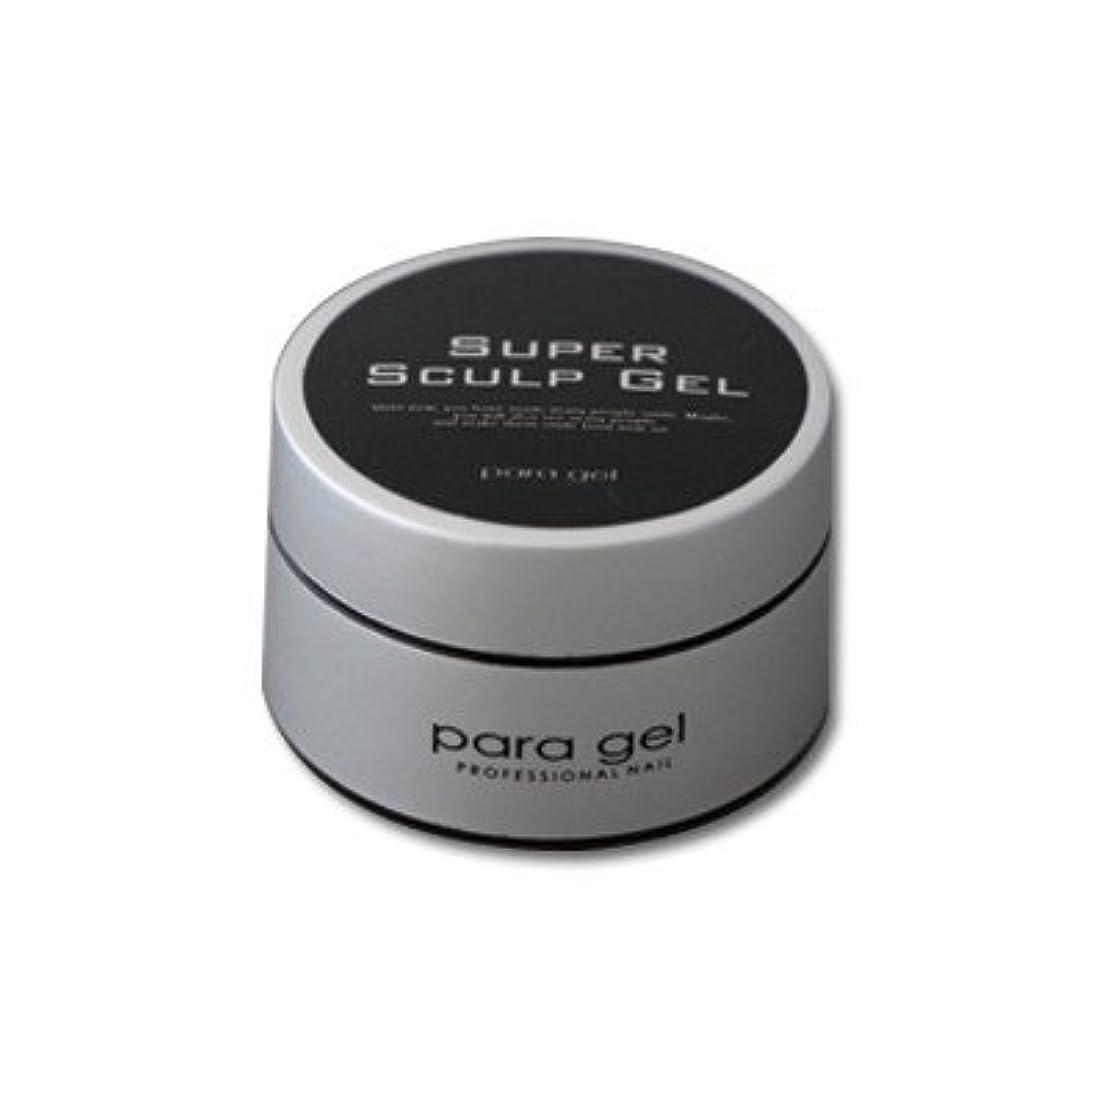 スリップブランドグリップpara gel(パラジェル) スーパースカルプジェル 10g